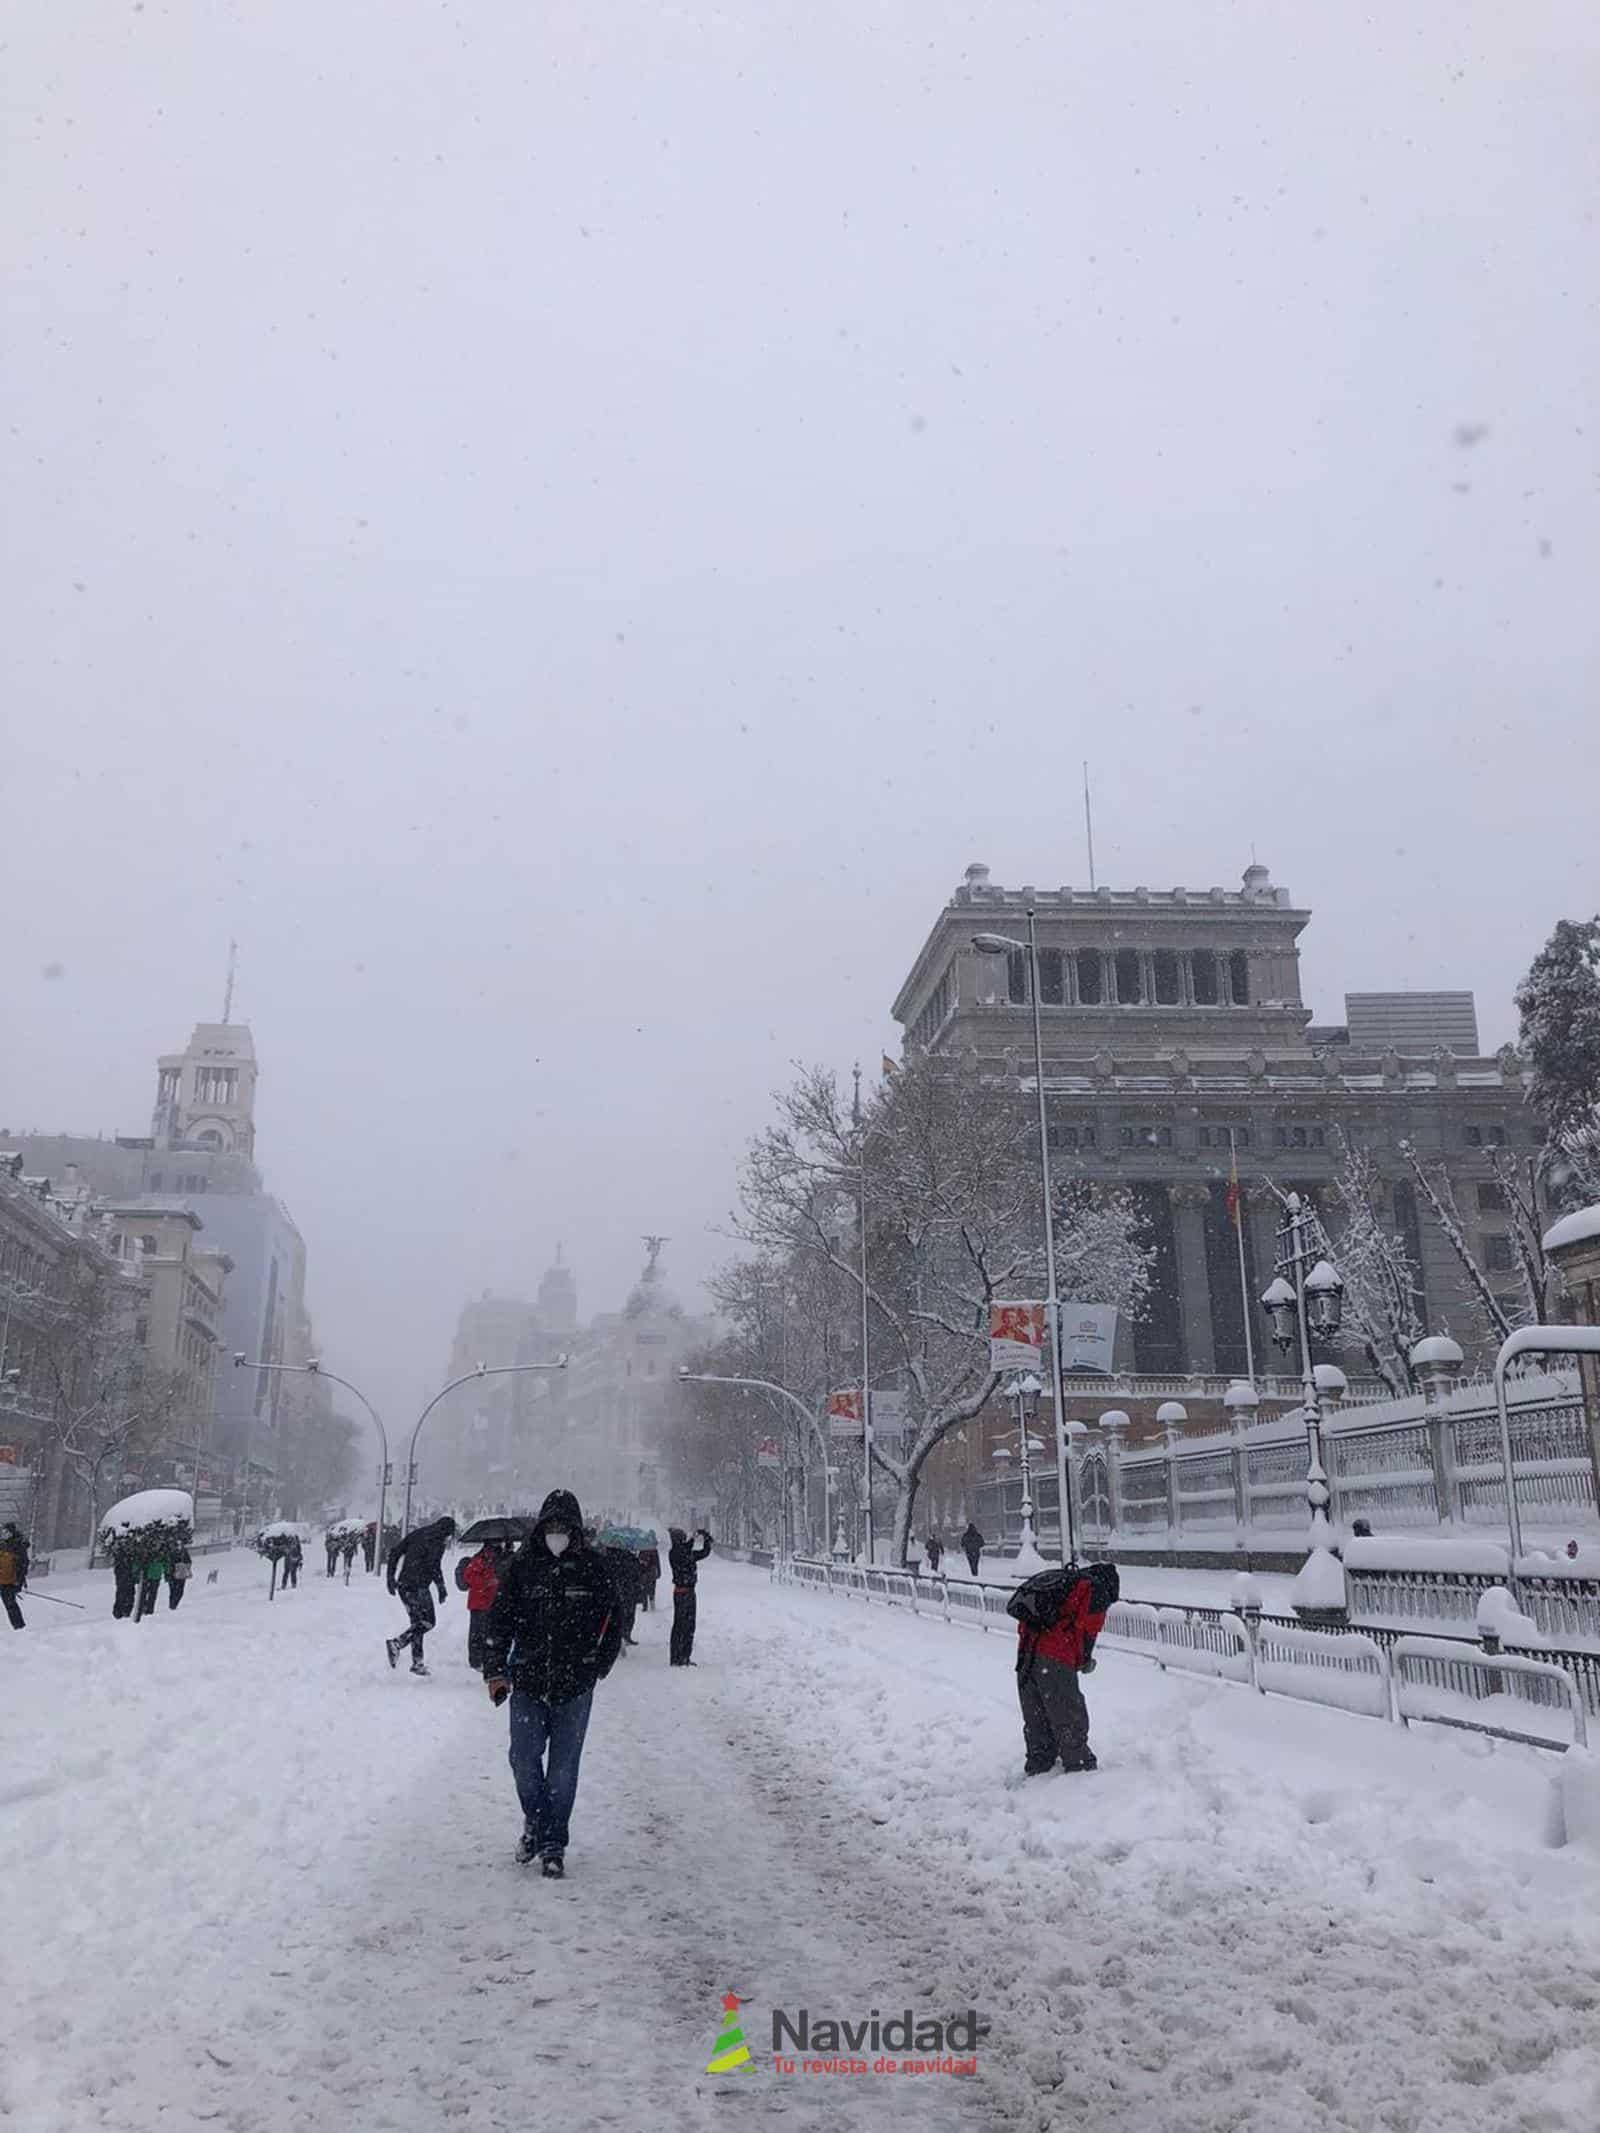 Fotografías de la nevada de enero en Madrid (España) 166